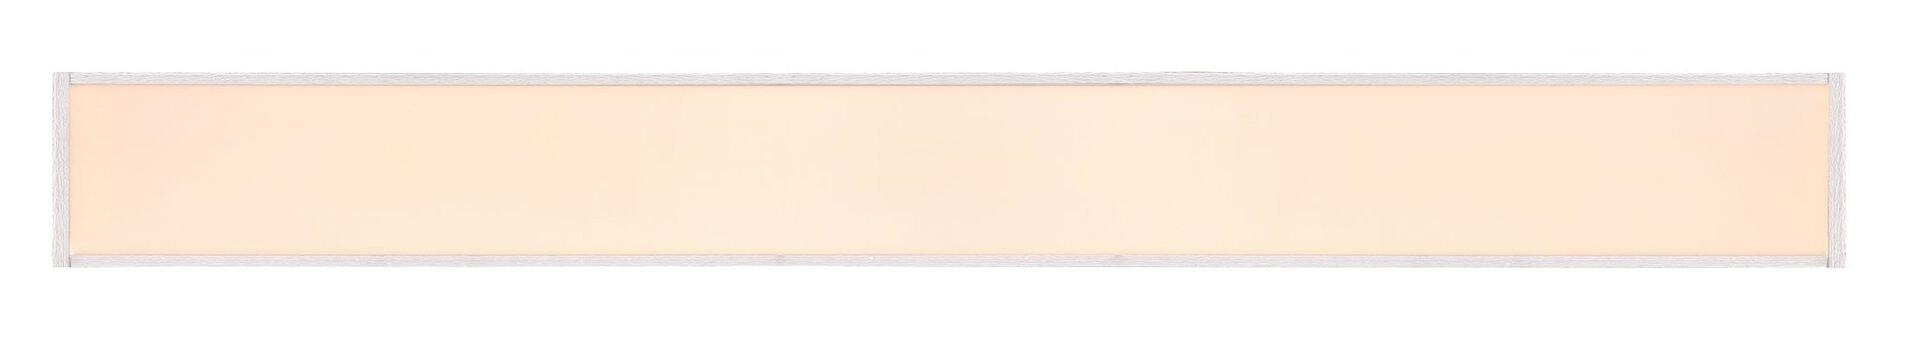 Deckenleuchte MANOPPELLO Globo Metall 10 x 5 x 90 cm